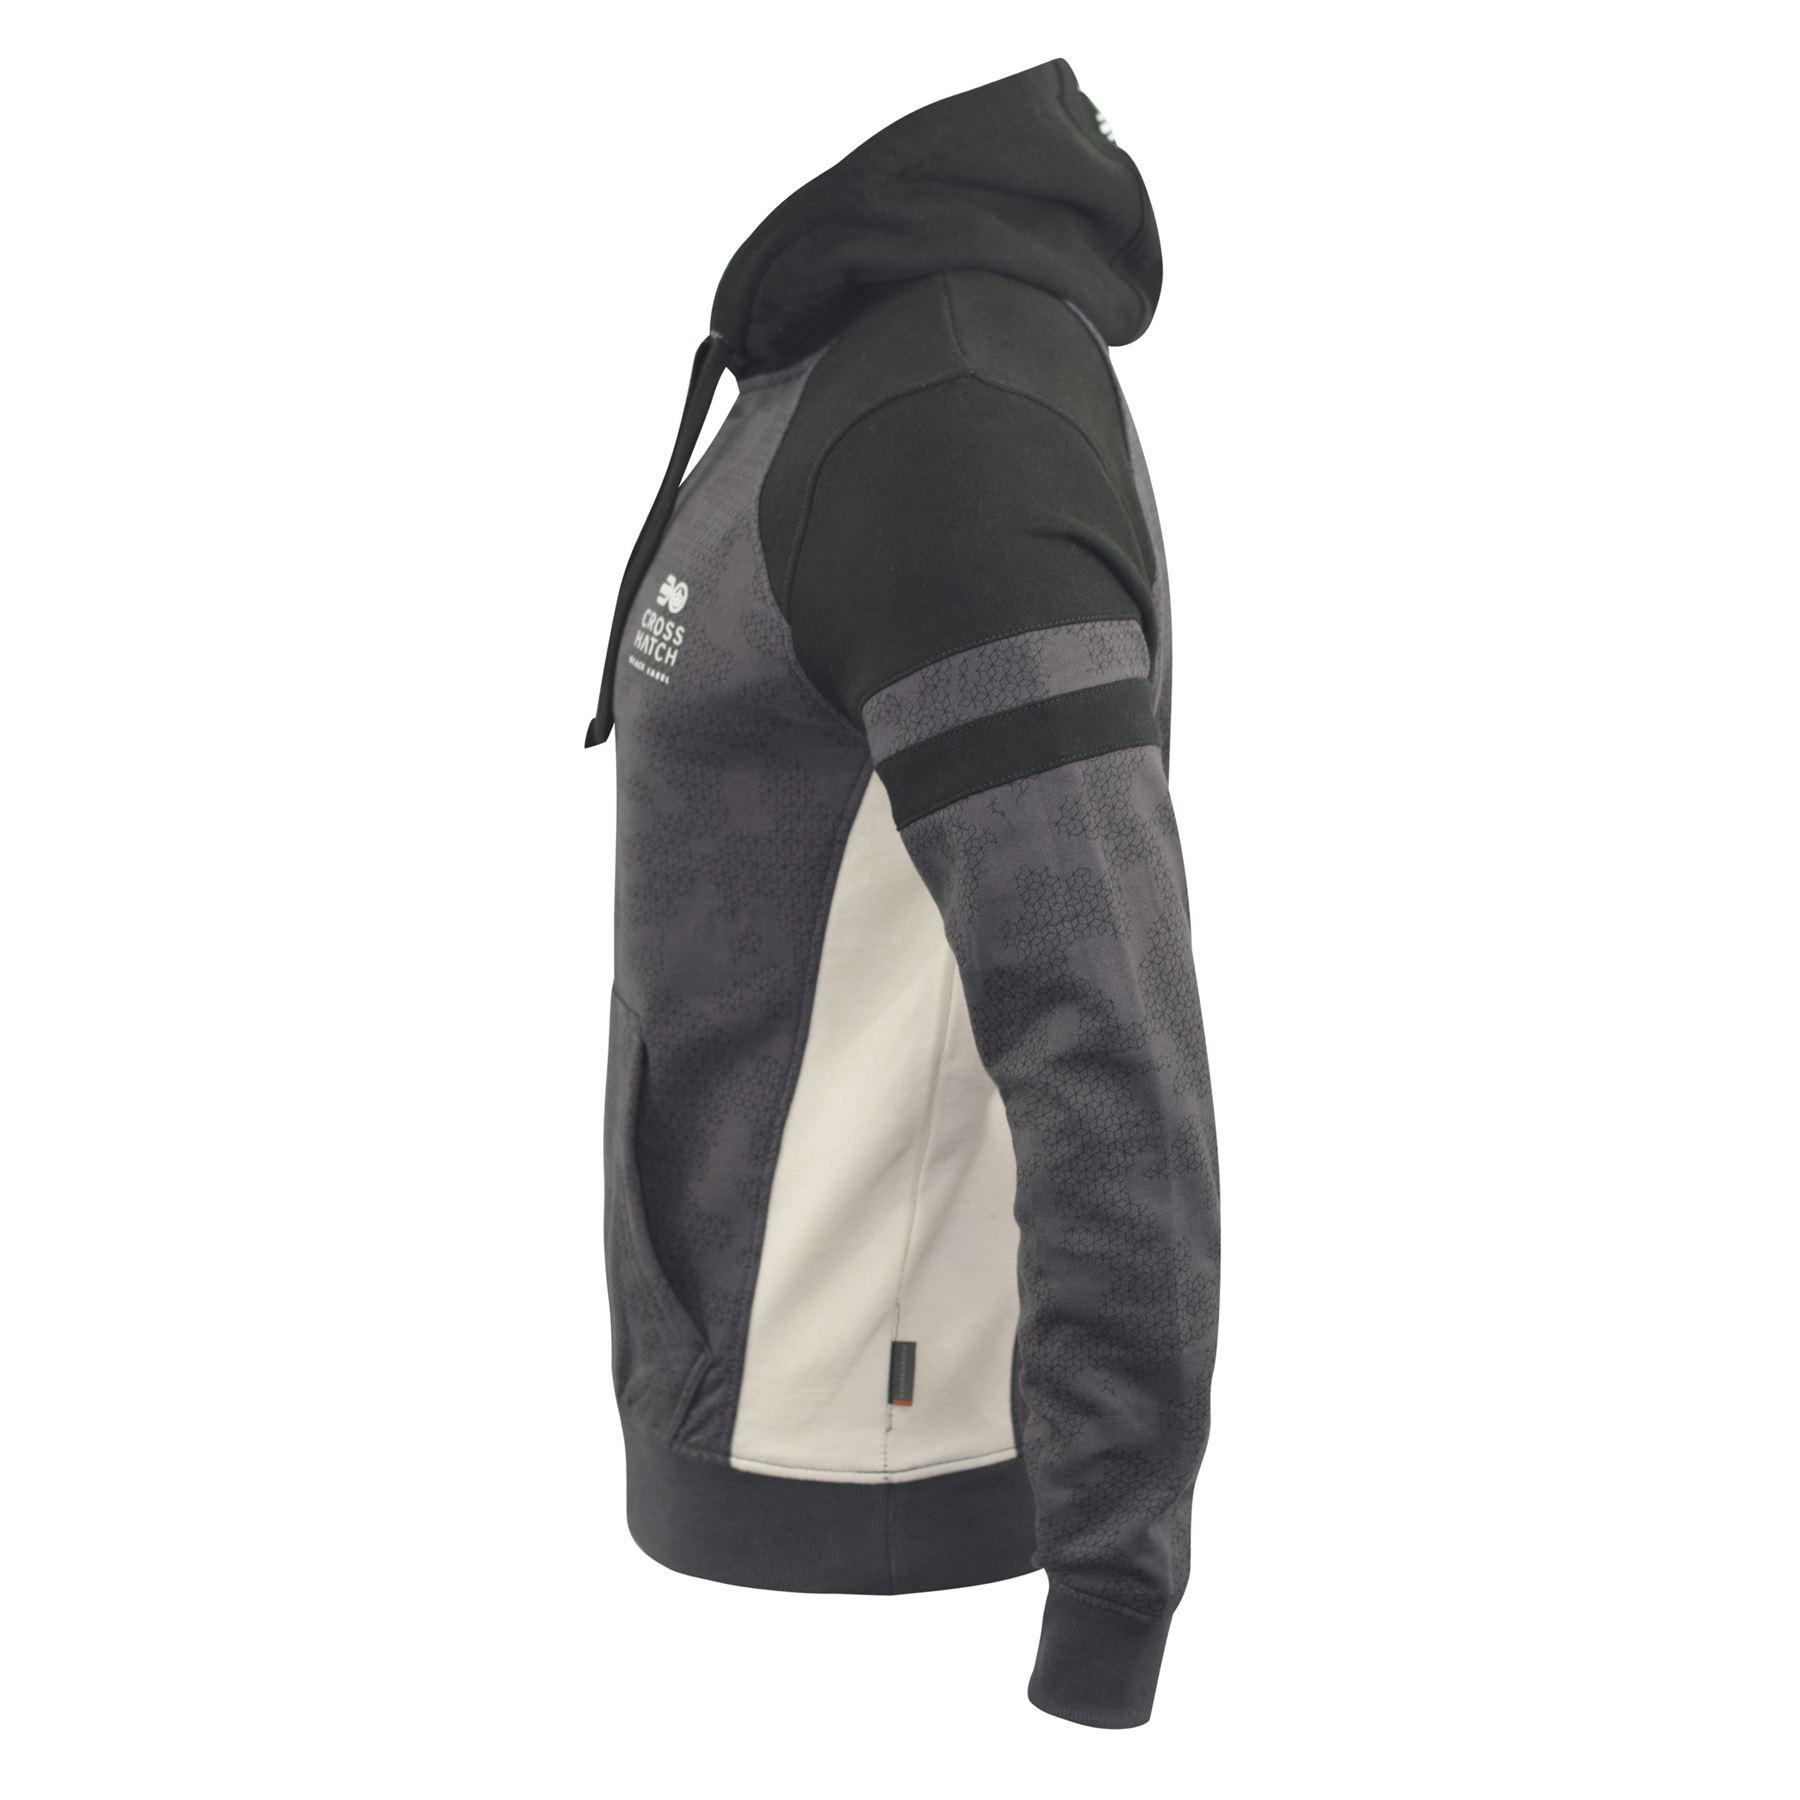 Mens-Hoodie-Crosshatch-Sweatshirt-Hooded-Jumper-Top-Pullover-Kirknewton thumbnail 3